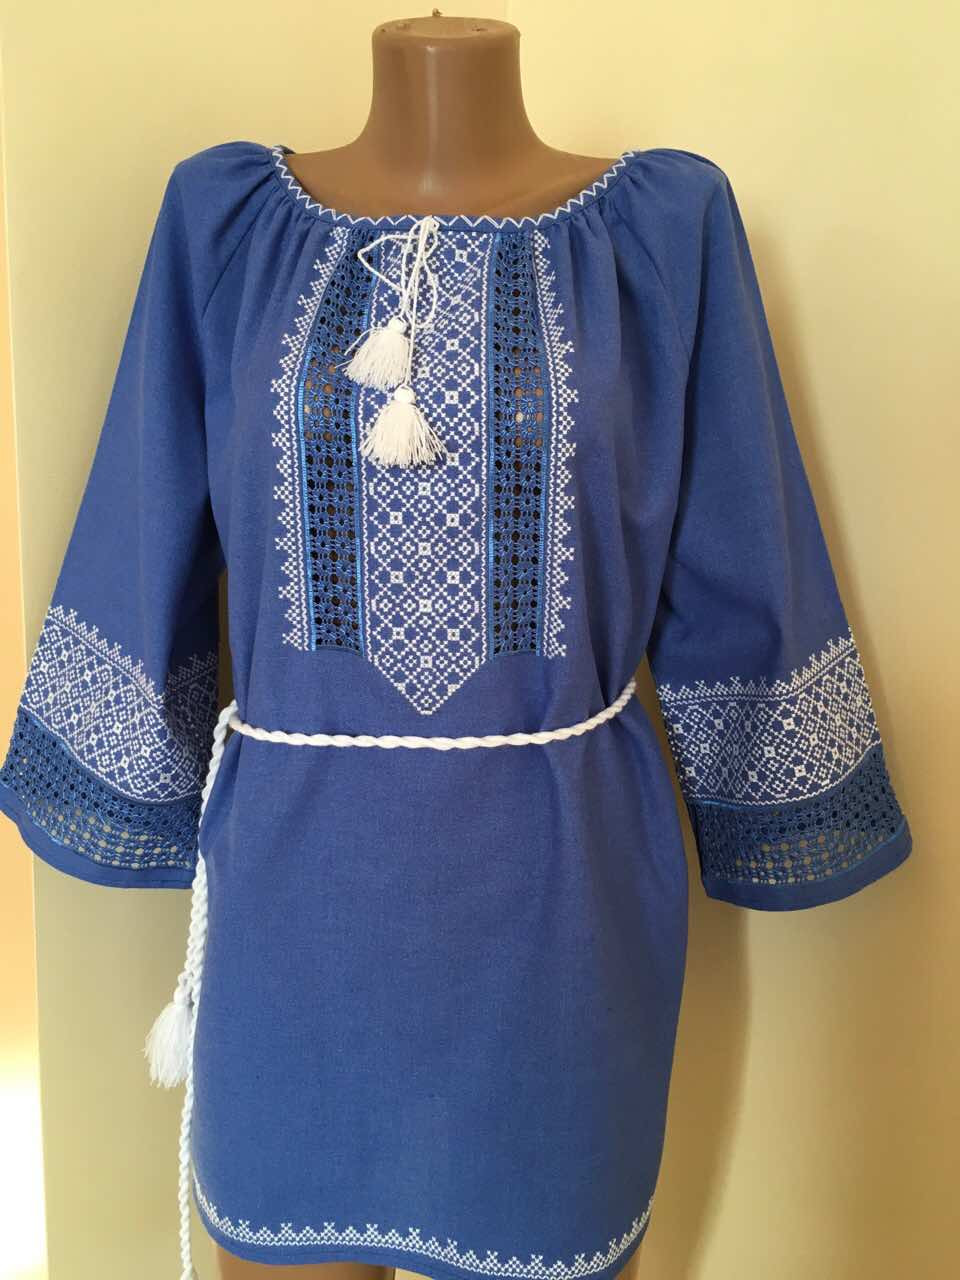 1ee7b0ed1c325c Синє вишите плаття ручної роботи на домотканому полотні з мережкою -  Скарбниця Карпат- інтернет магазин